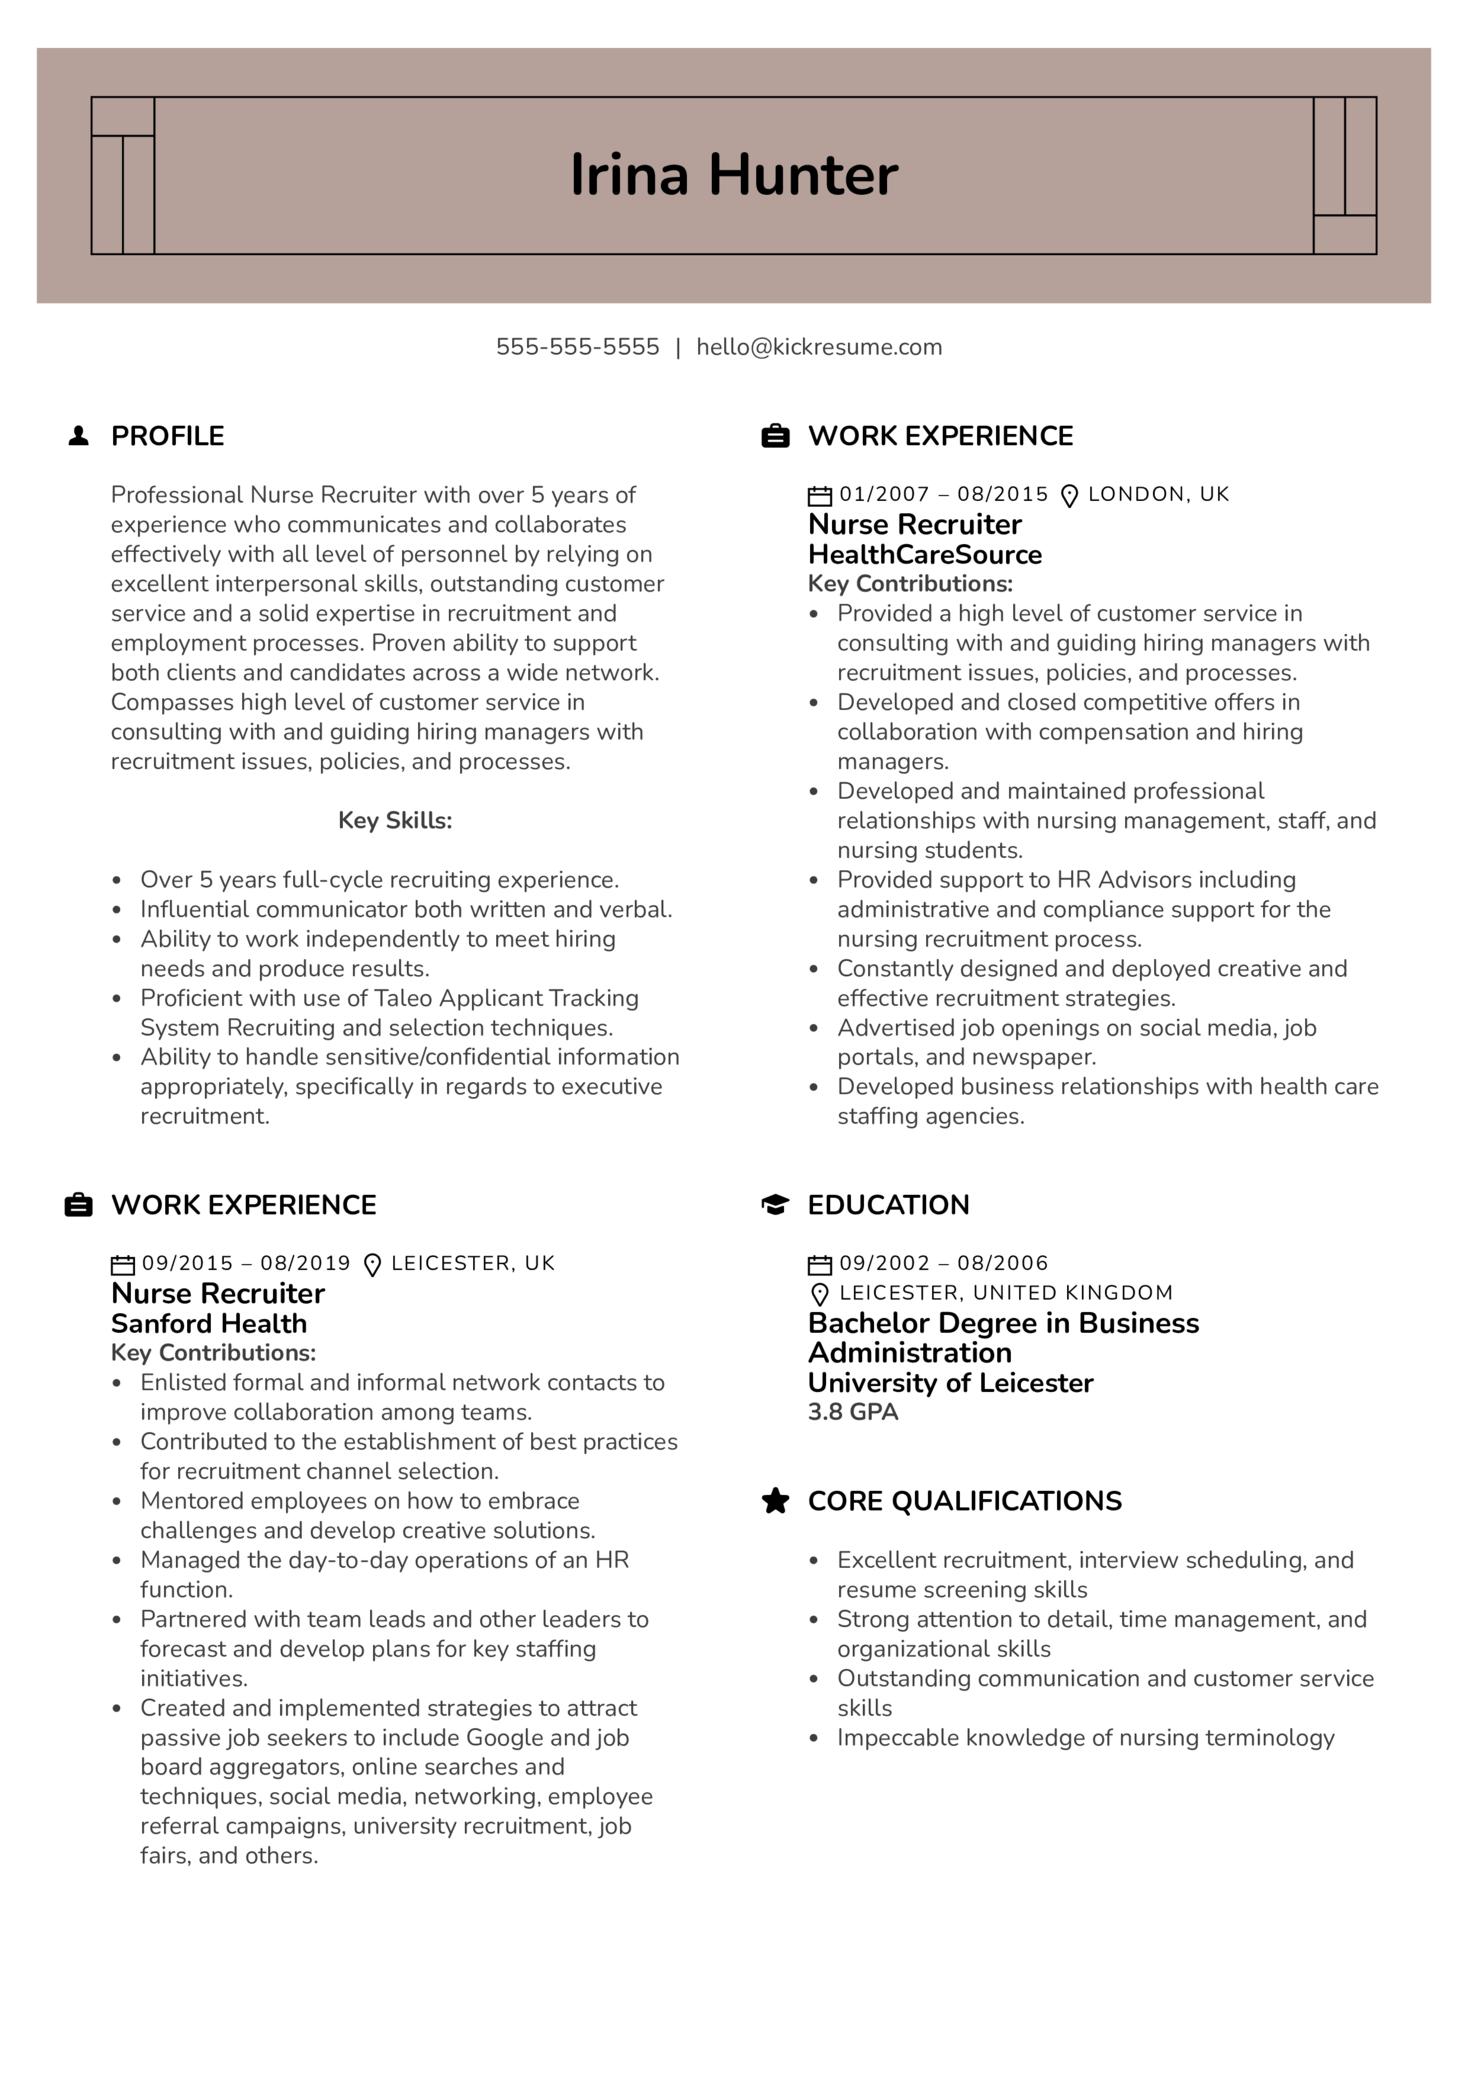 Nurse Recruiter Resume Example (parte 1)